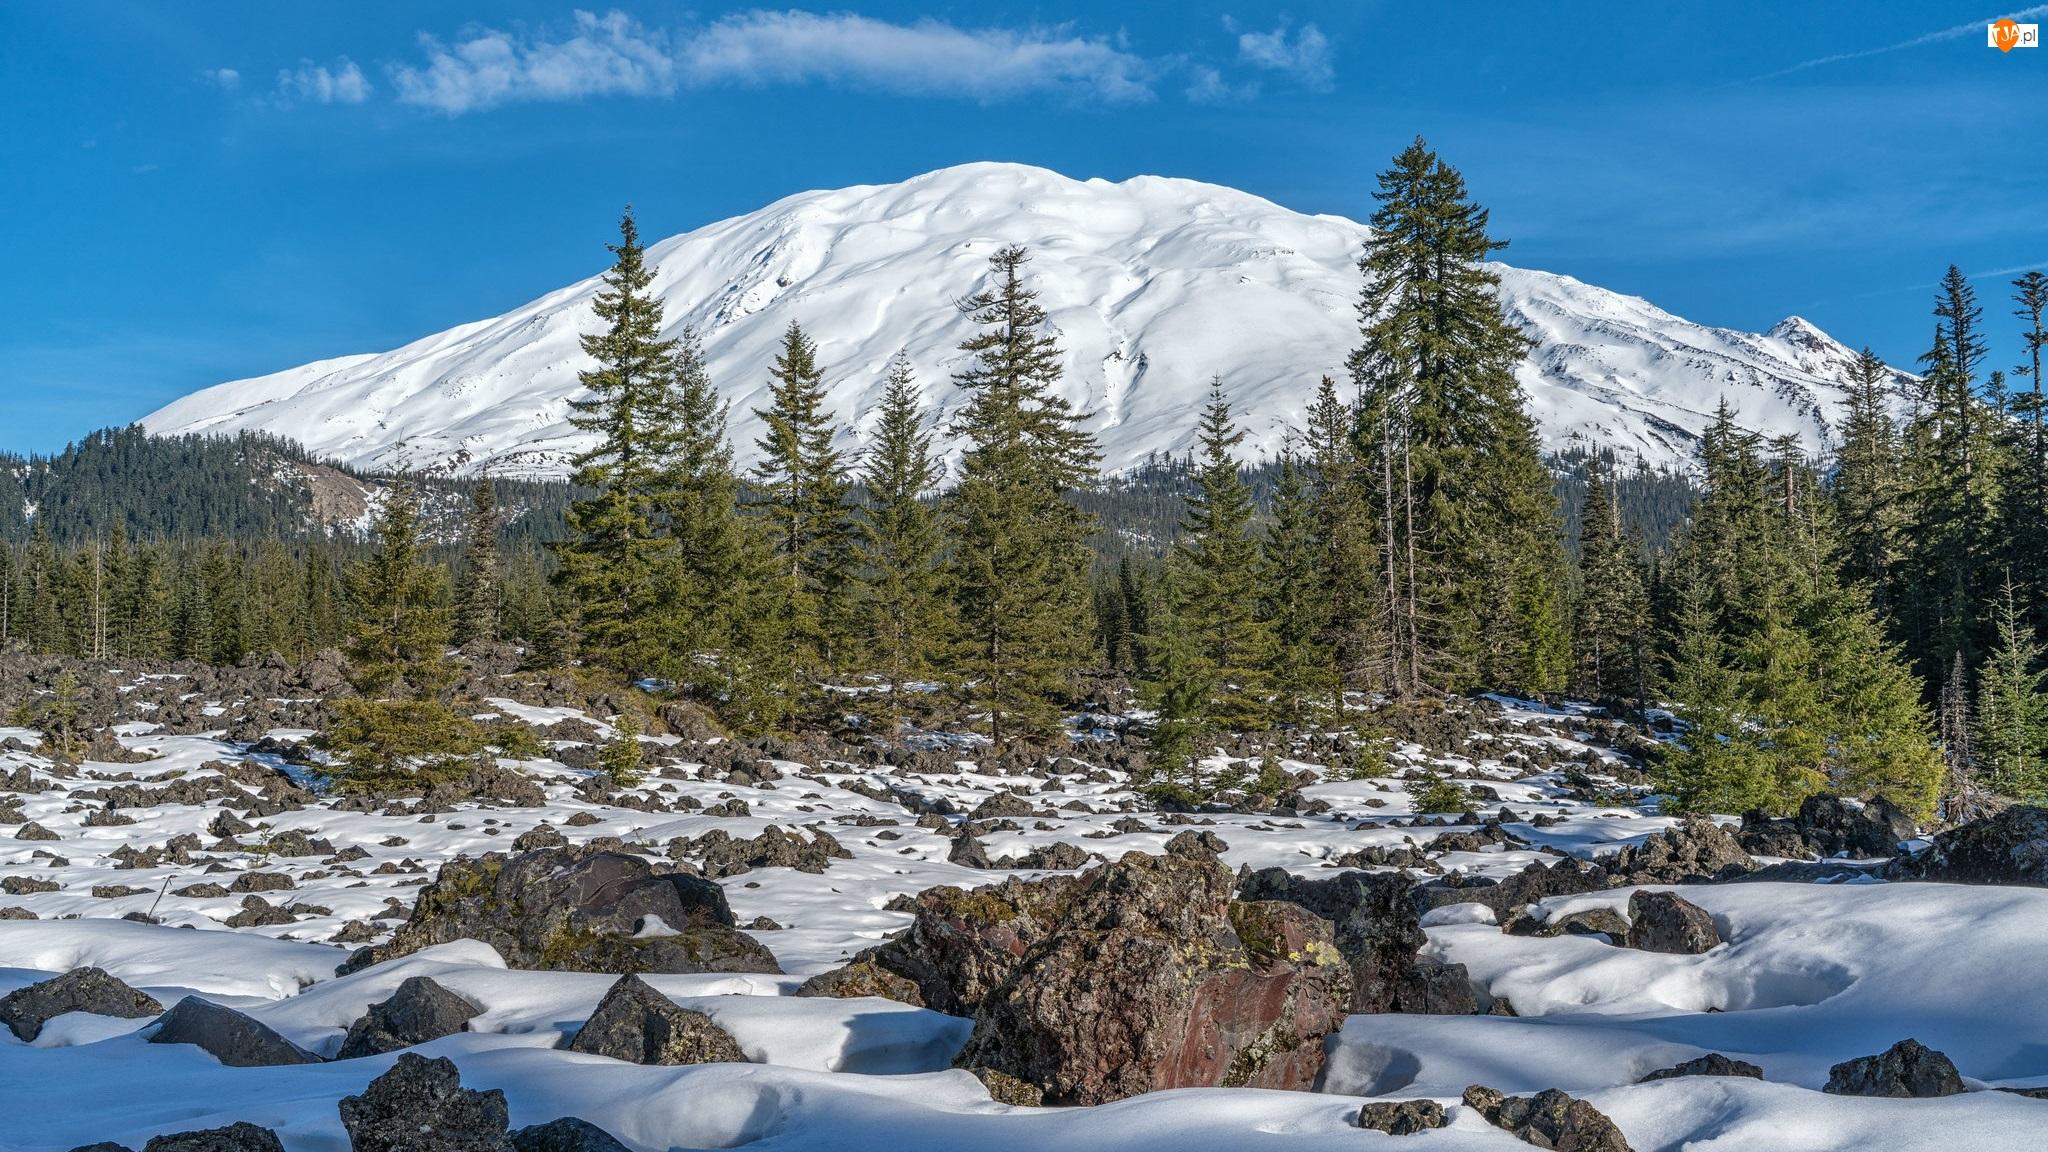 Góra, Kamienie, Śnieg, Zima, Drzewa